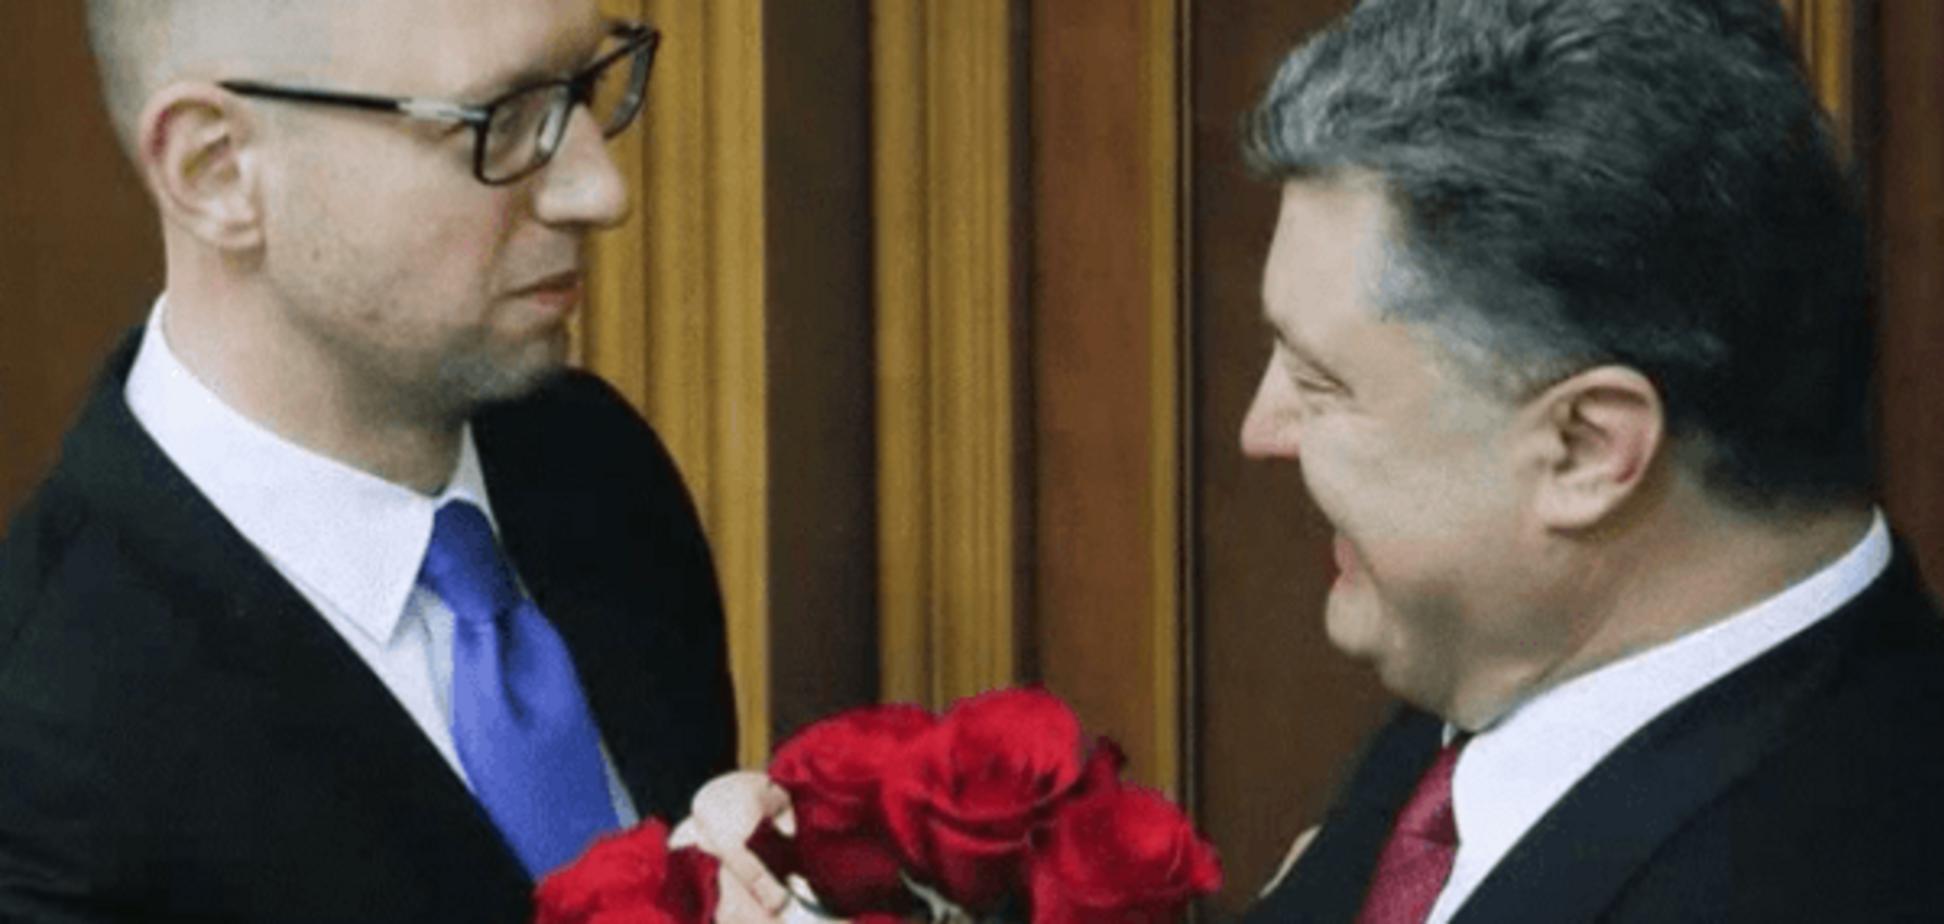 Мільйон червоних троянд: у мережі з'явилося кумедне відео про букет для прем'єра